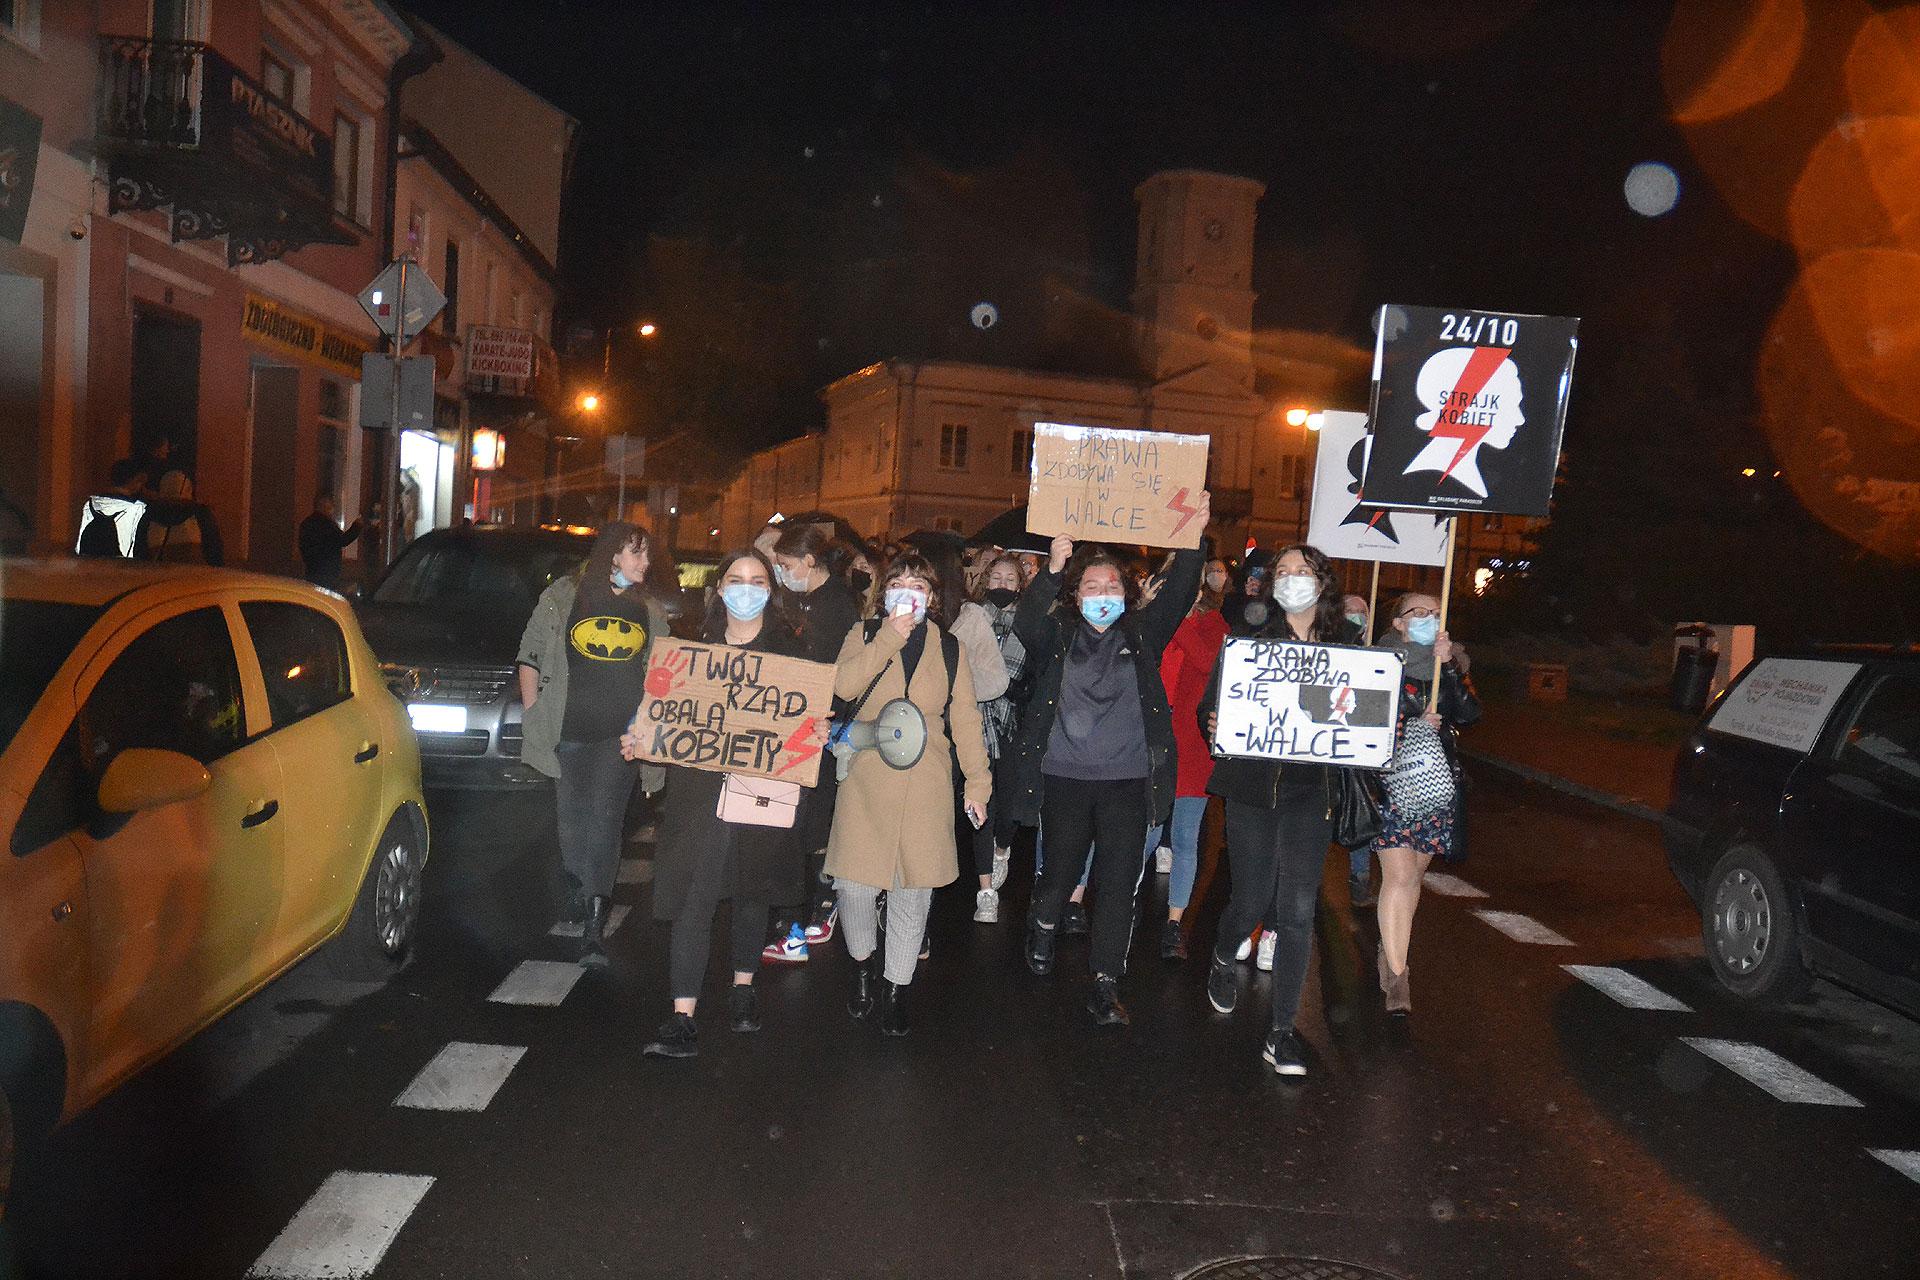 Strajk Kobiet w Turku. Było ponad 1000 osób z okrzykami i transparentami.